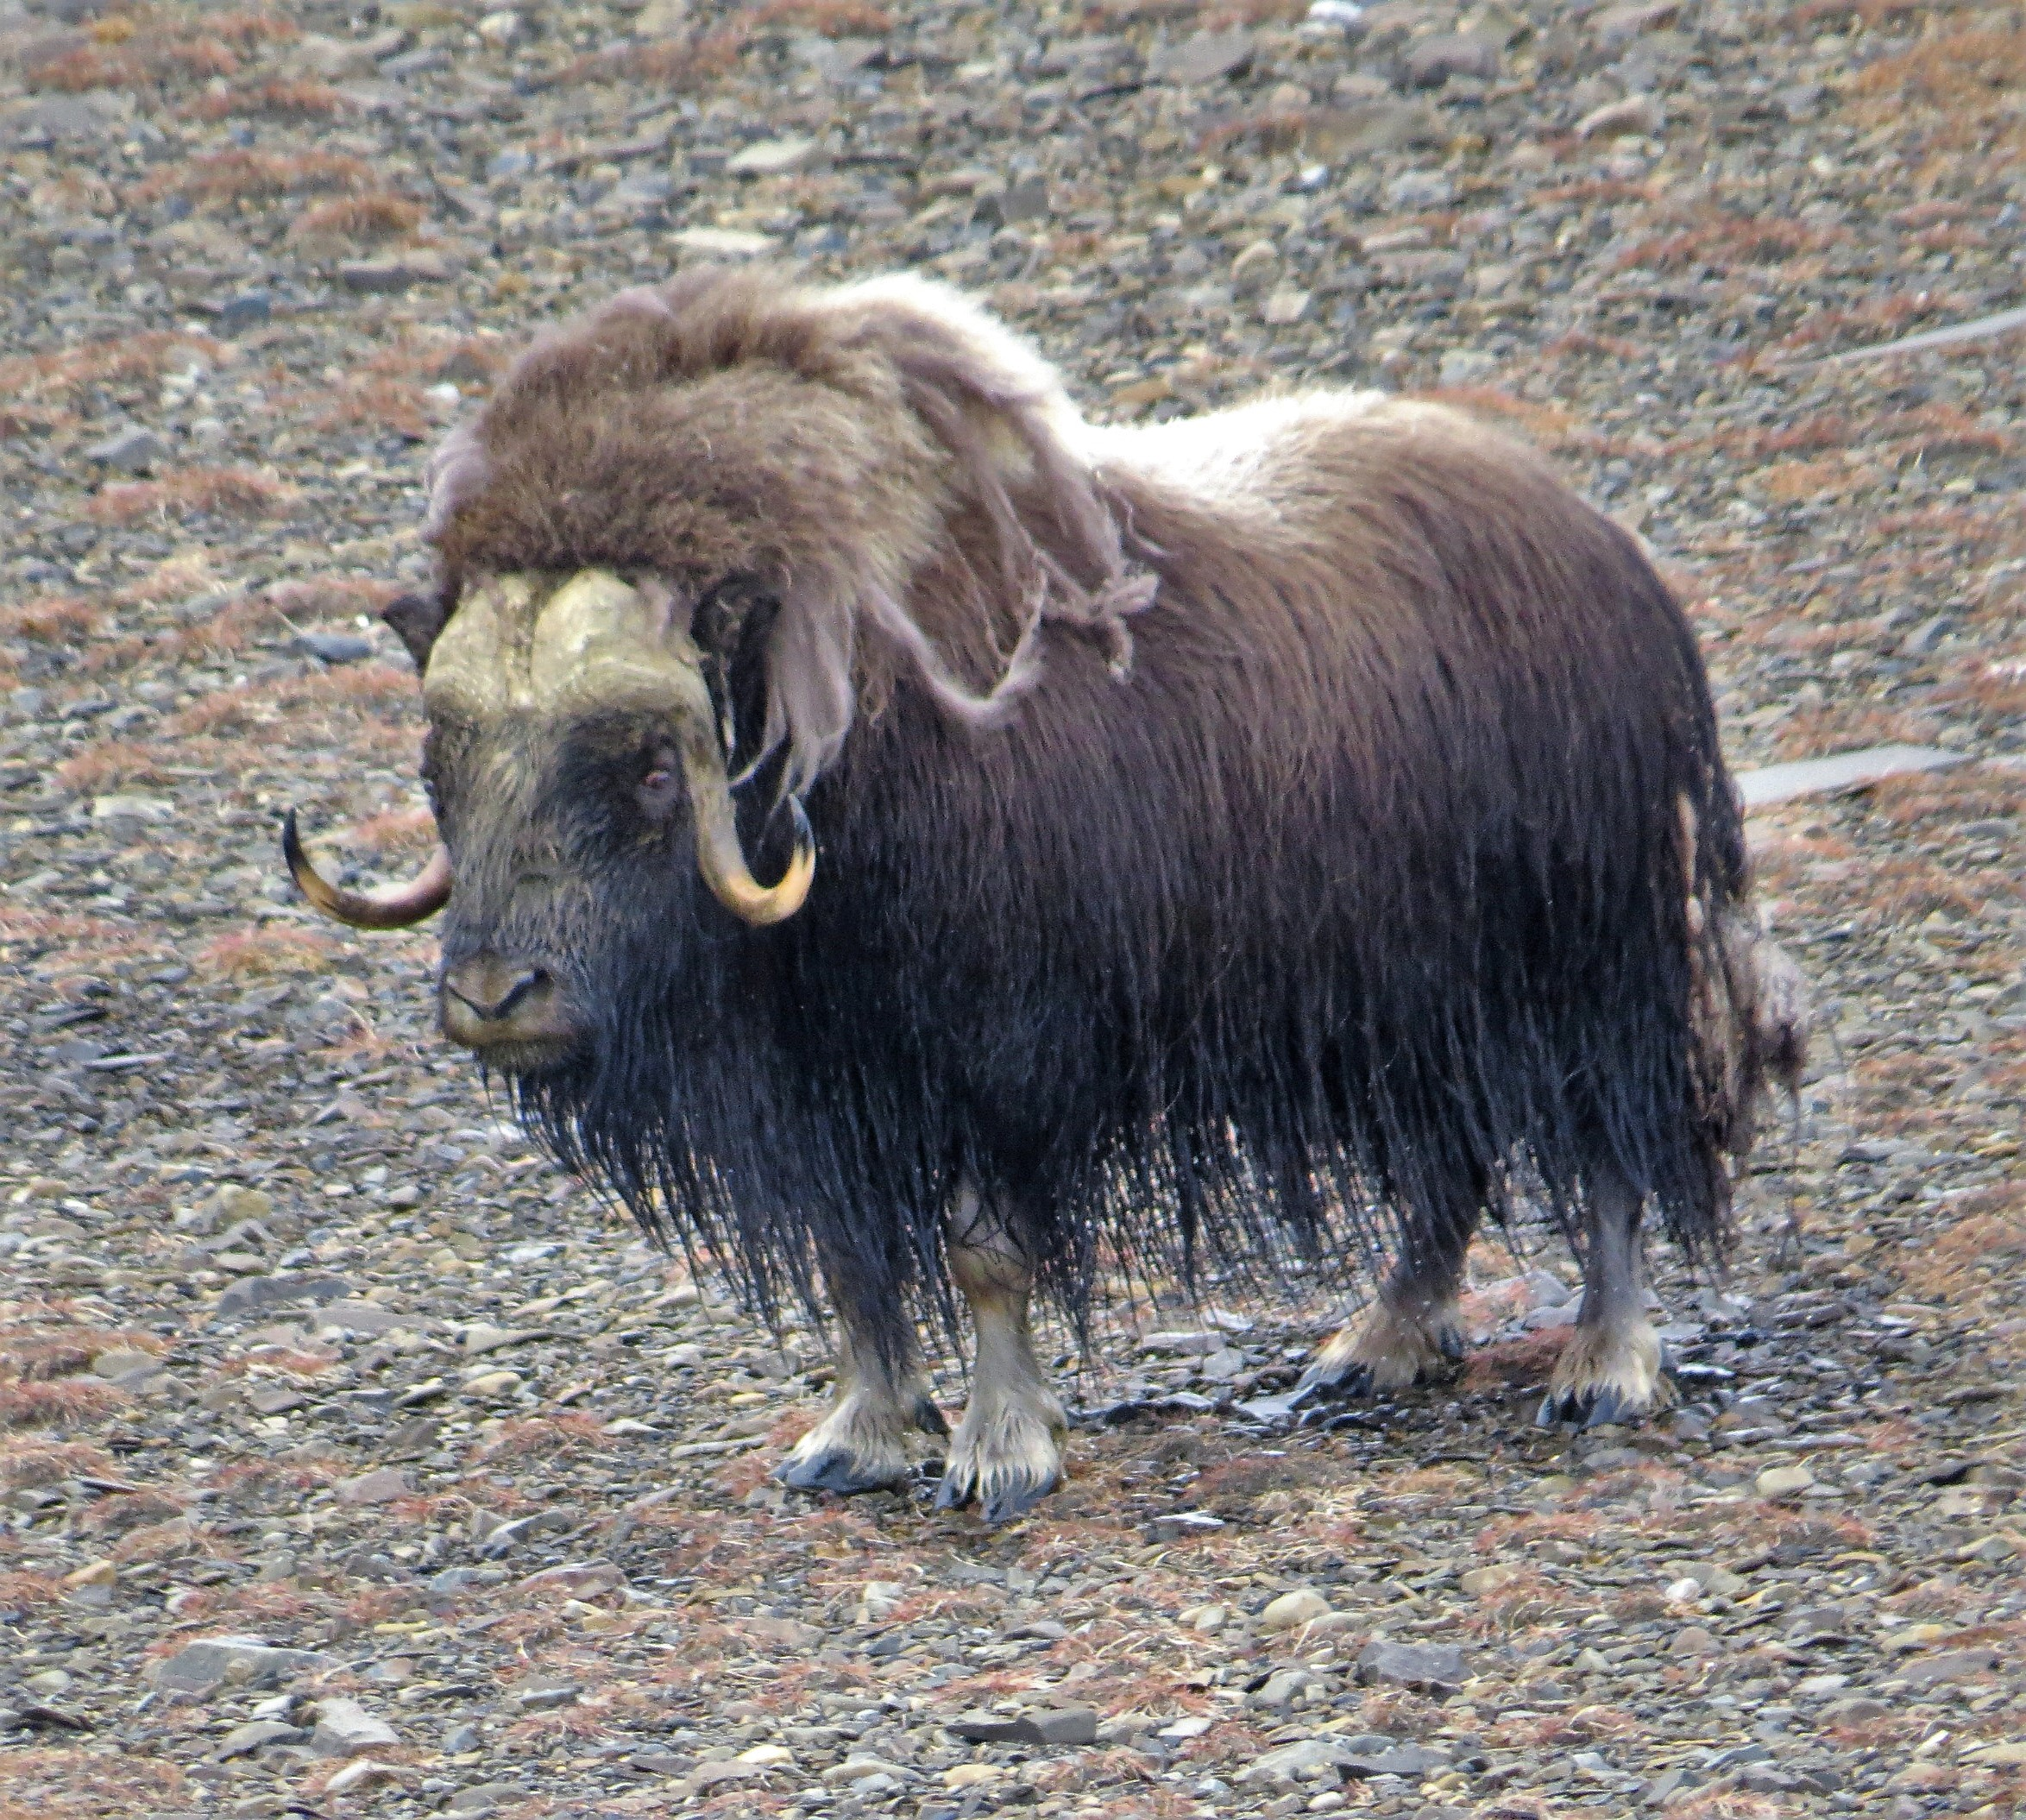 כבש הרעמה מפגין עוצמה (צילום: רונית ישראלי) (צילום: רונית ישראלי)